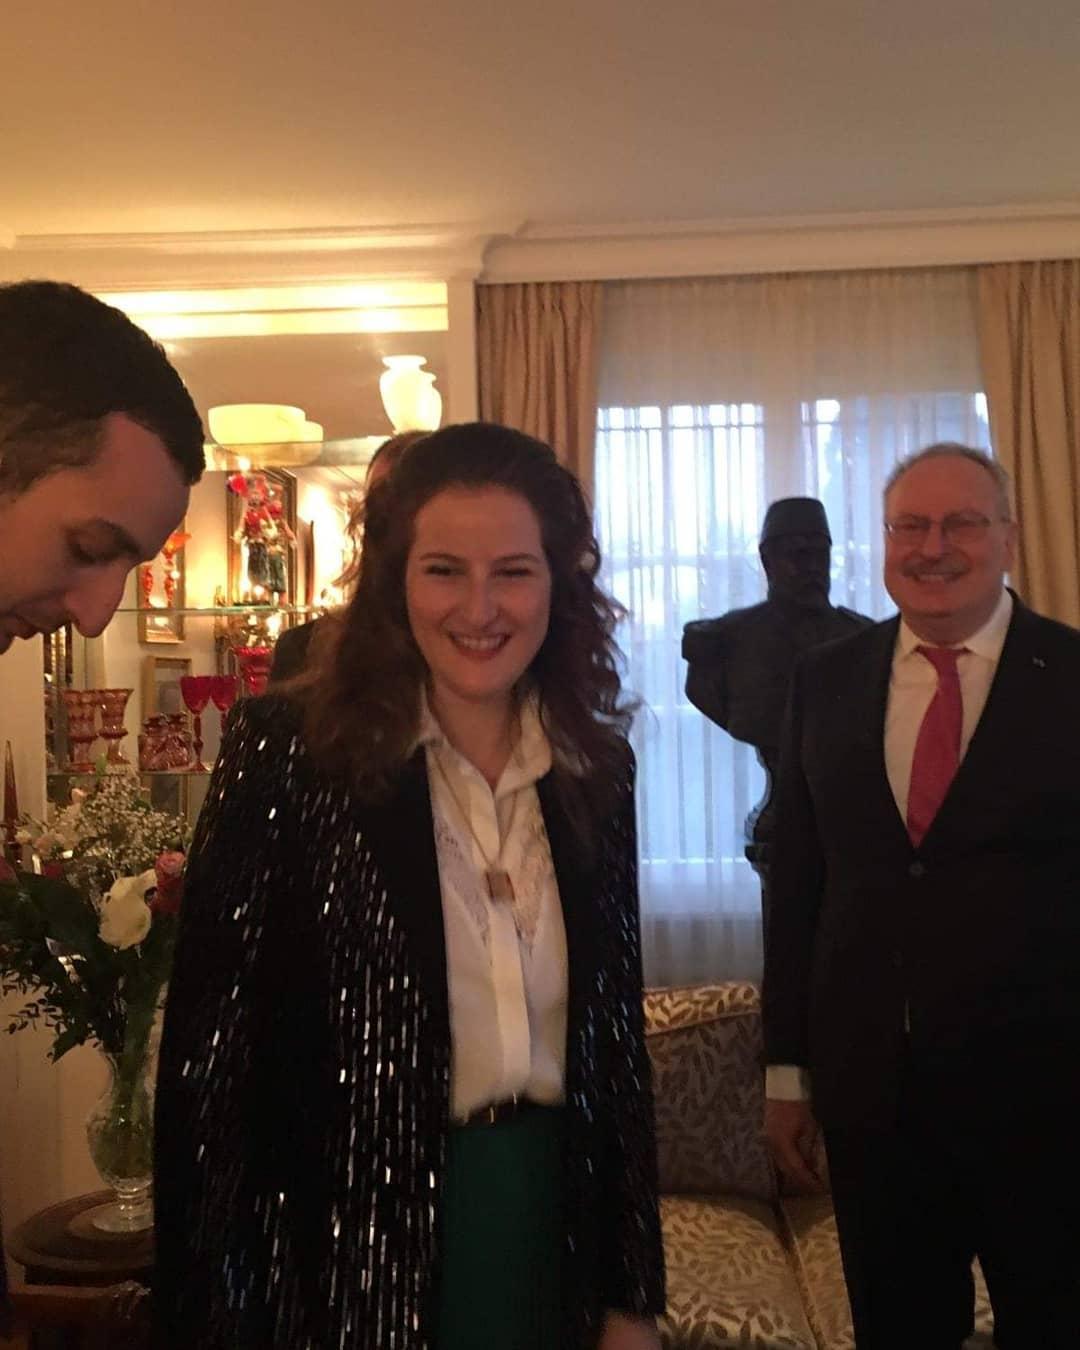 الأميرة فوزية لطيفة مع والدها وشقيقها الأمير فخر الدين